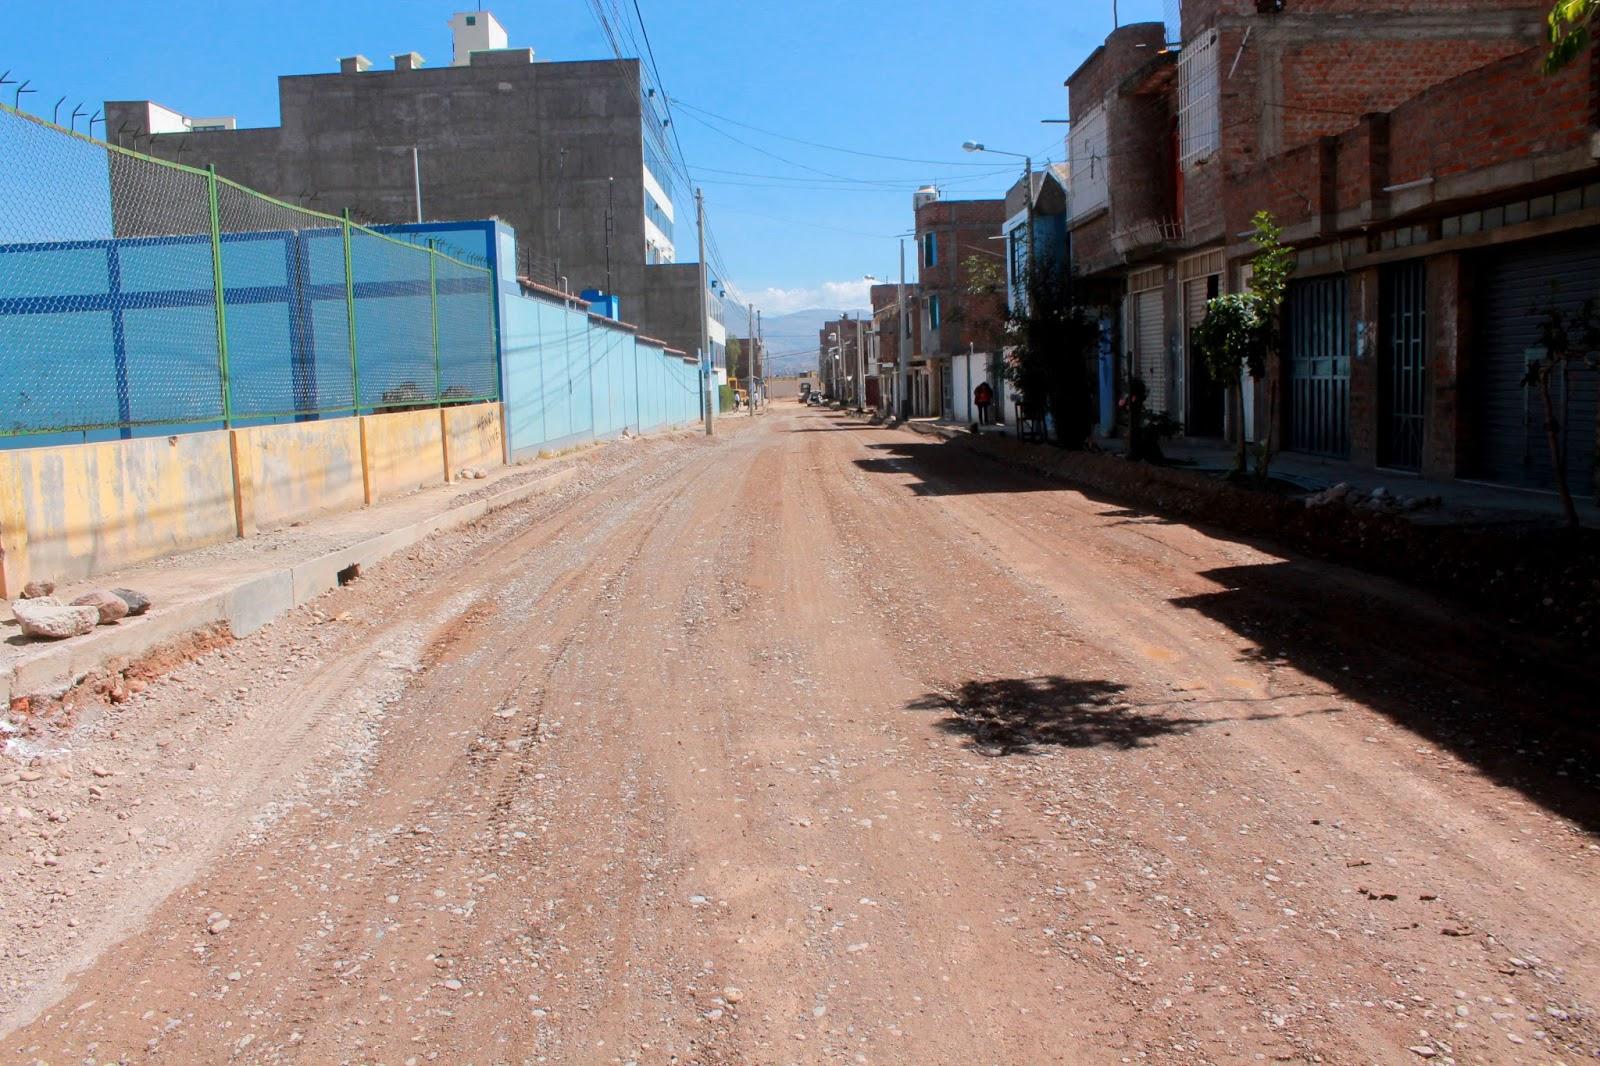 PAVIMENTACIÓN AVANZA A PASO FIRME EN LA URBANIZACION ISABEL FLORES DE OLIVA